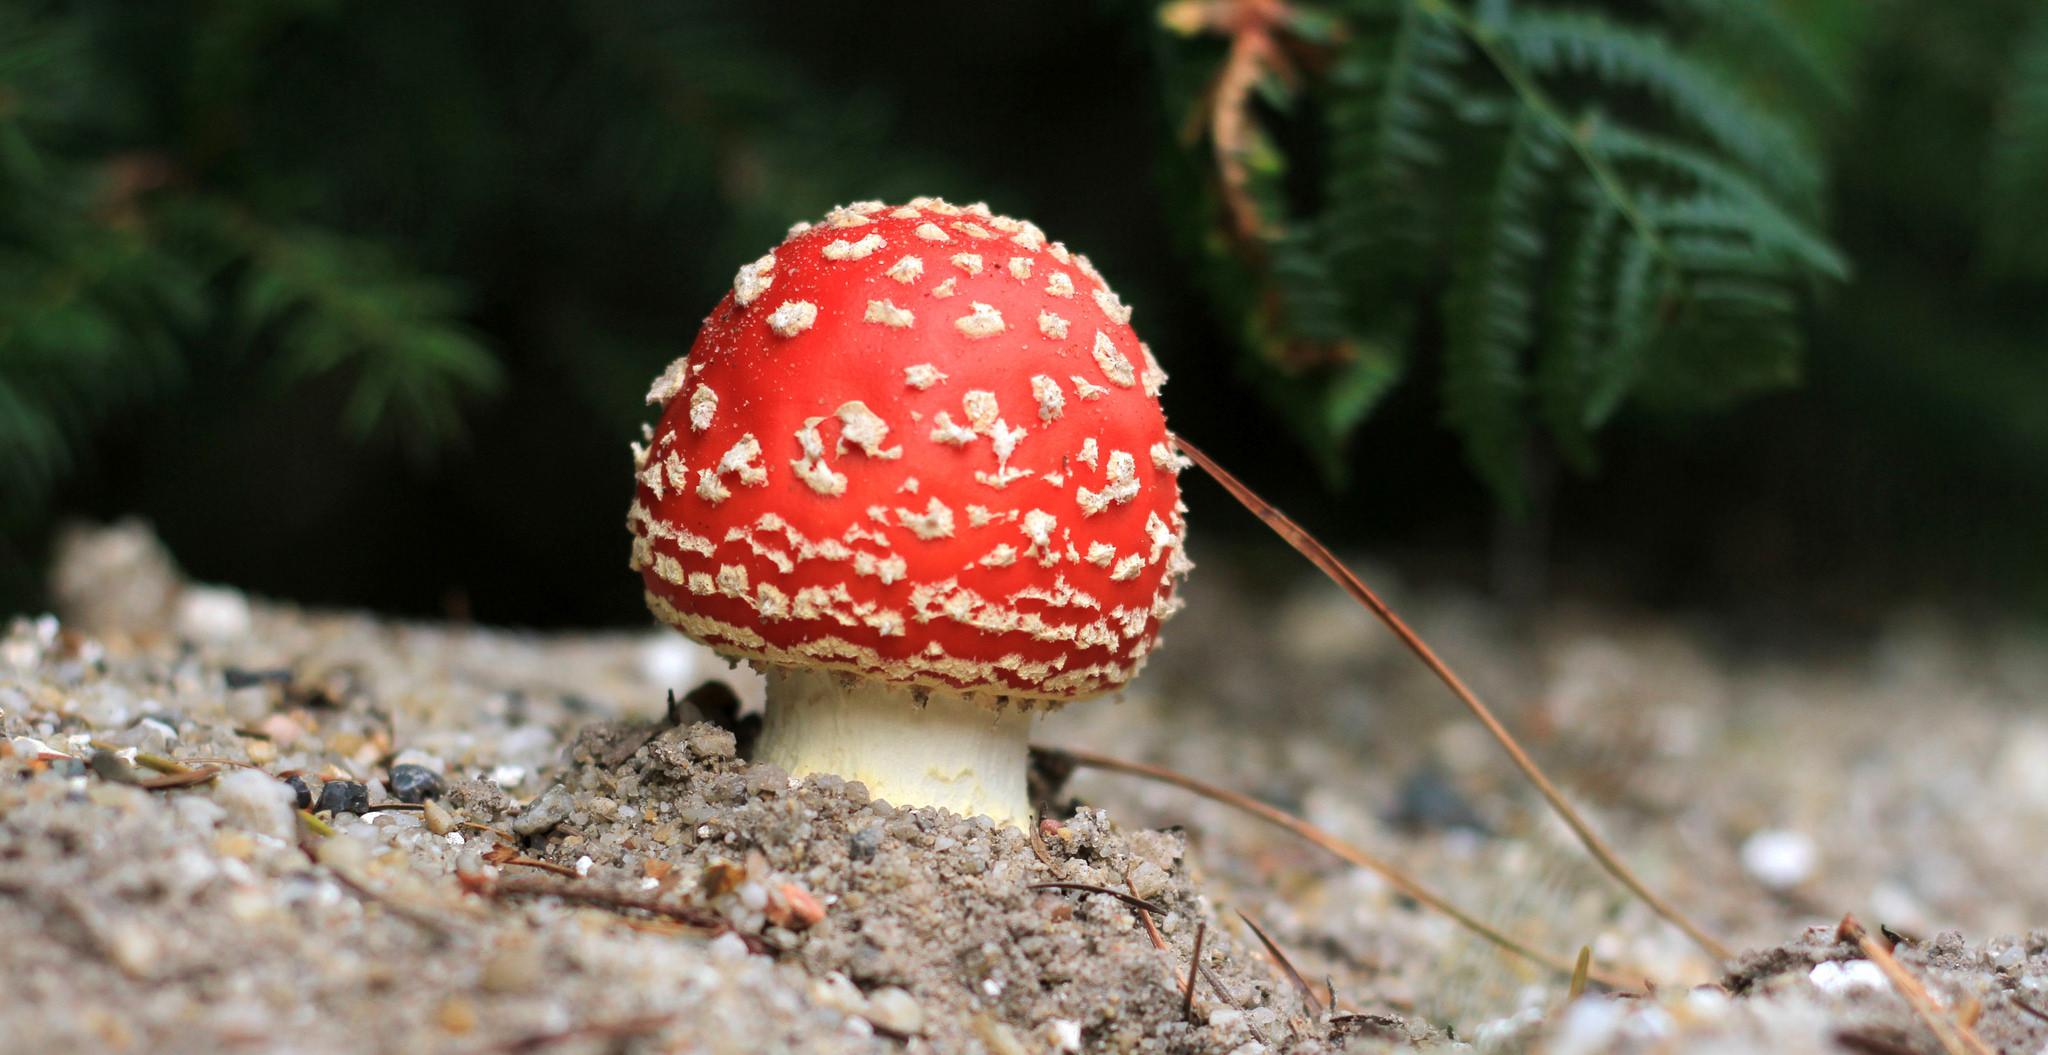 Un hongo rojo - 2048x1055